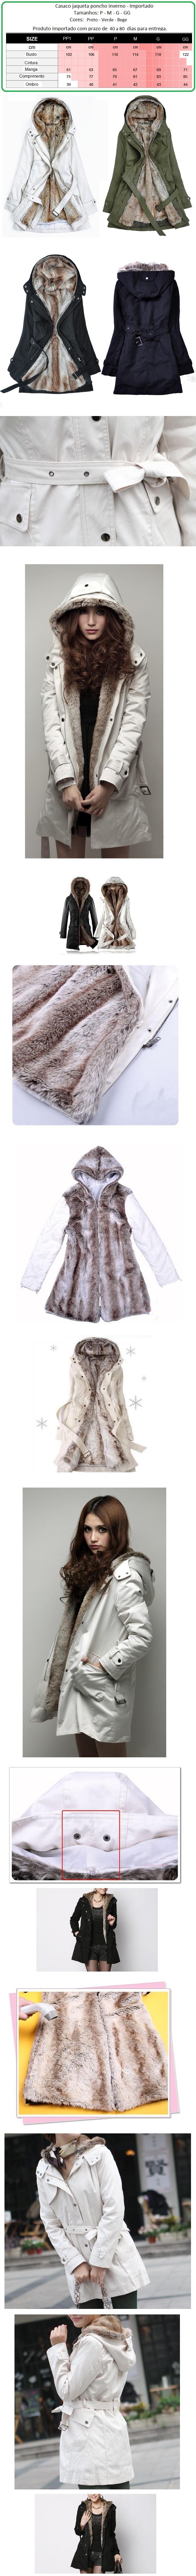 casaco-poncho-poncho-feminina-jaqueta-poncho.jpg